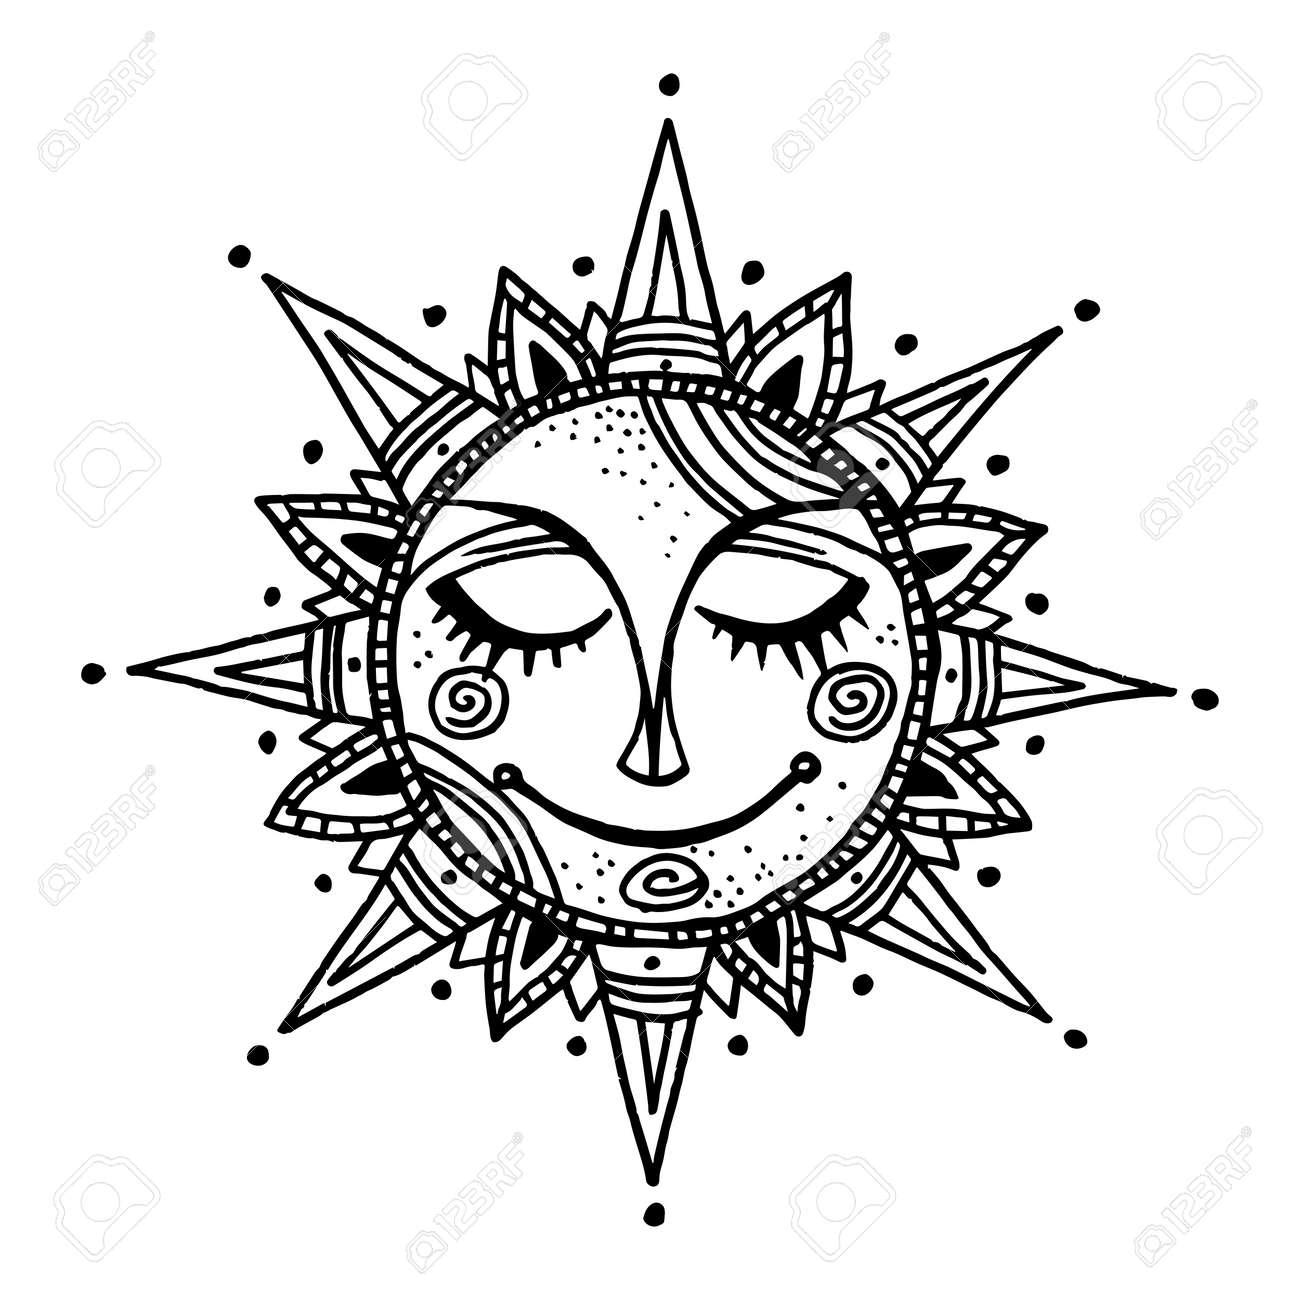 10,127 Sun Tattoo Stock Vector Illustration And Royalty Free Sun ...